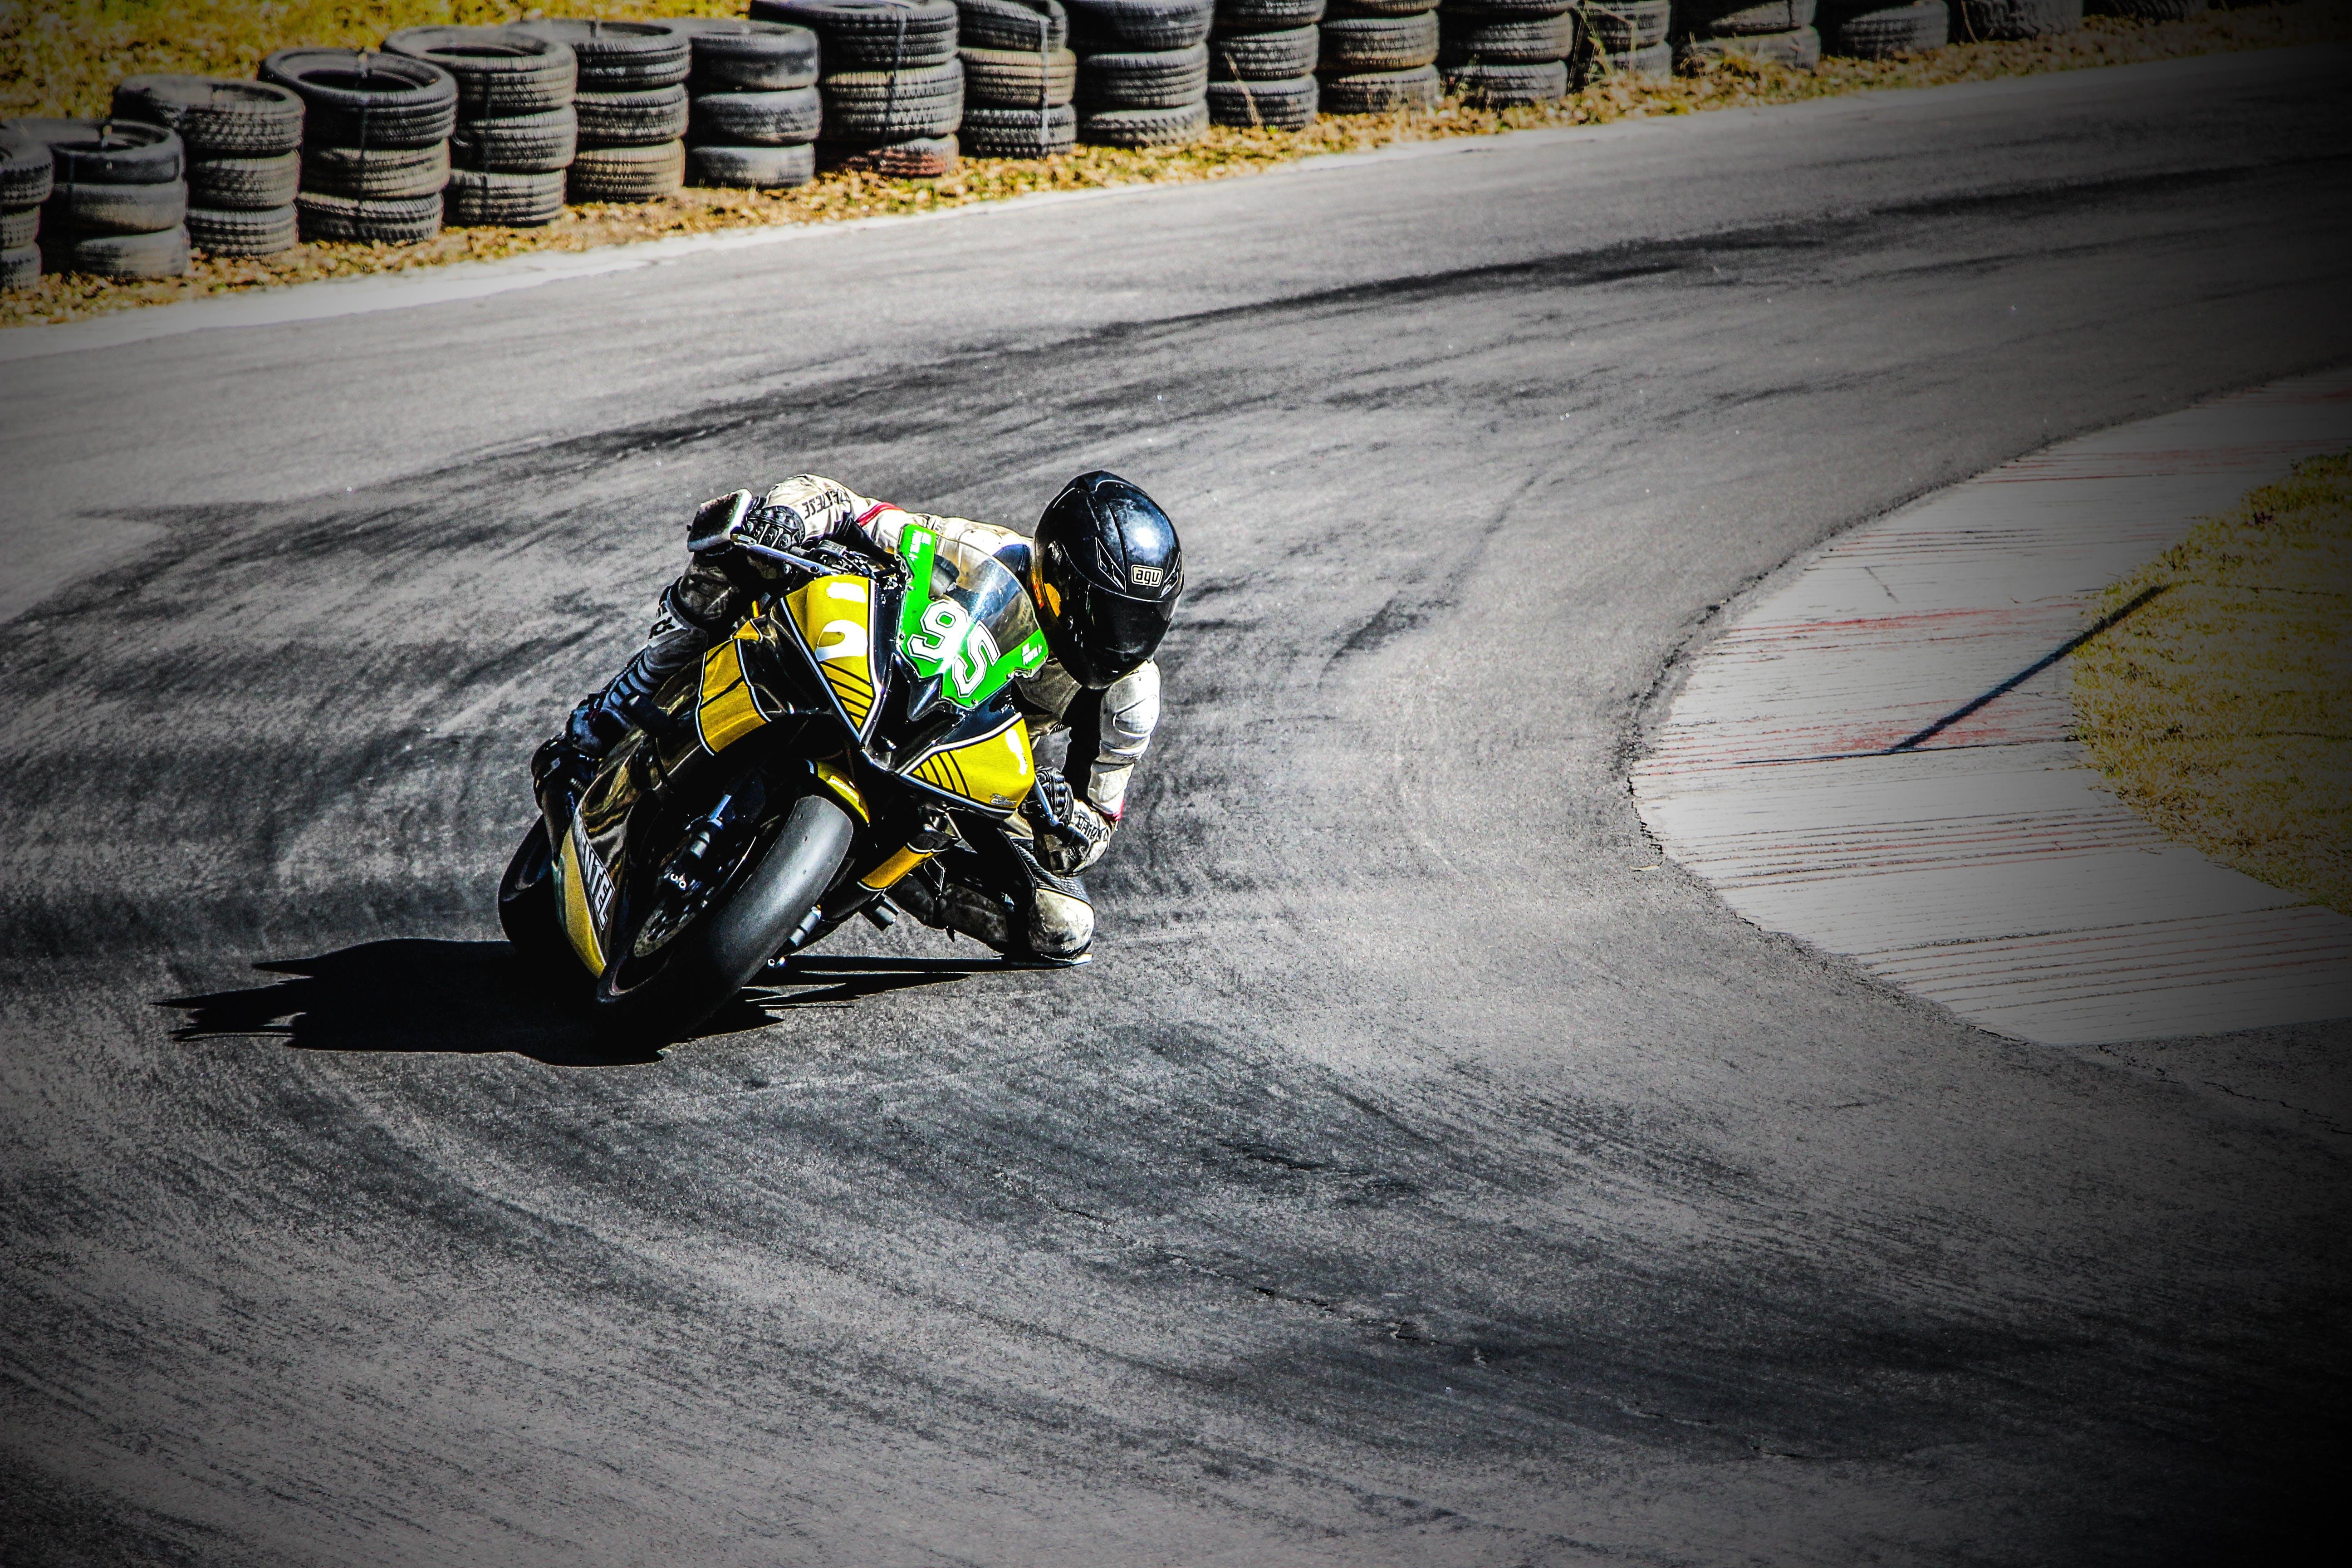 Free stock photo of #racing #motorcycle #bike